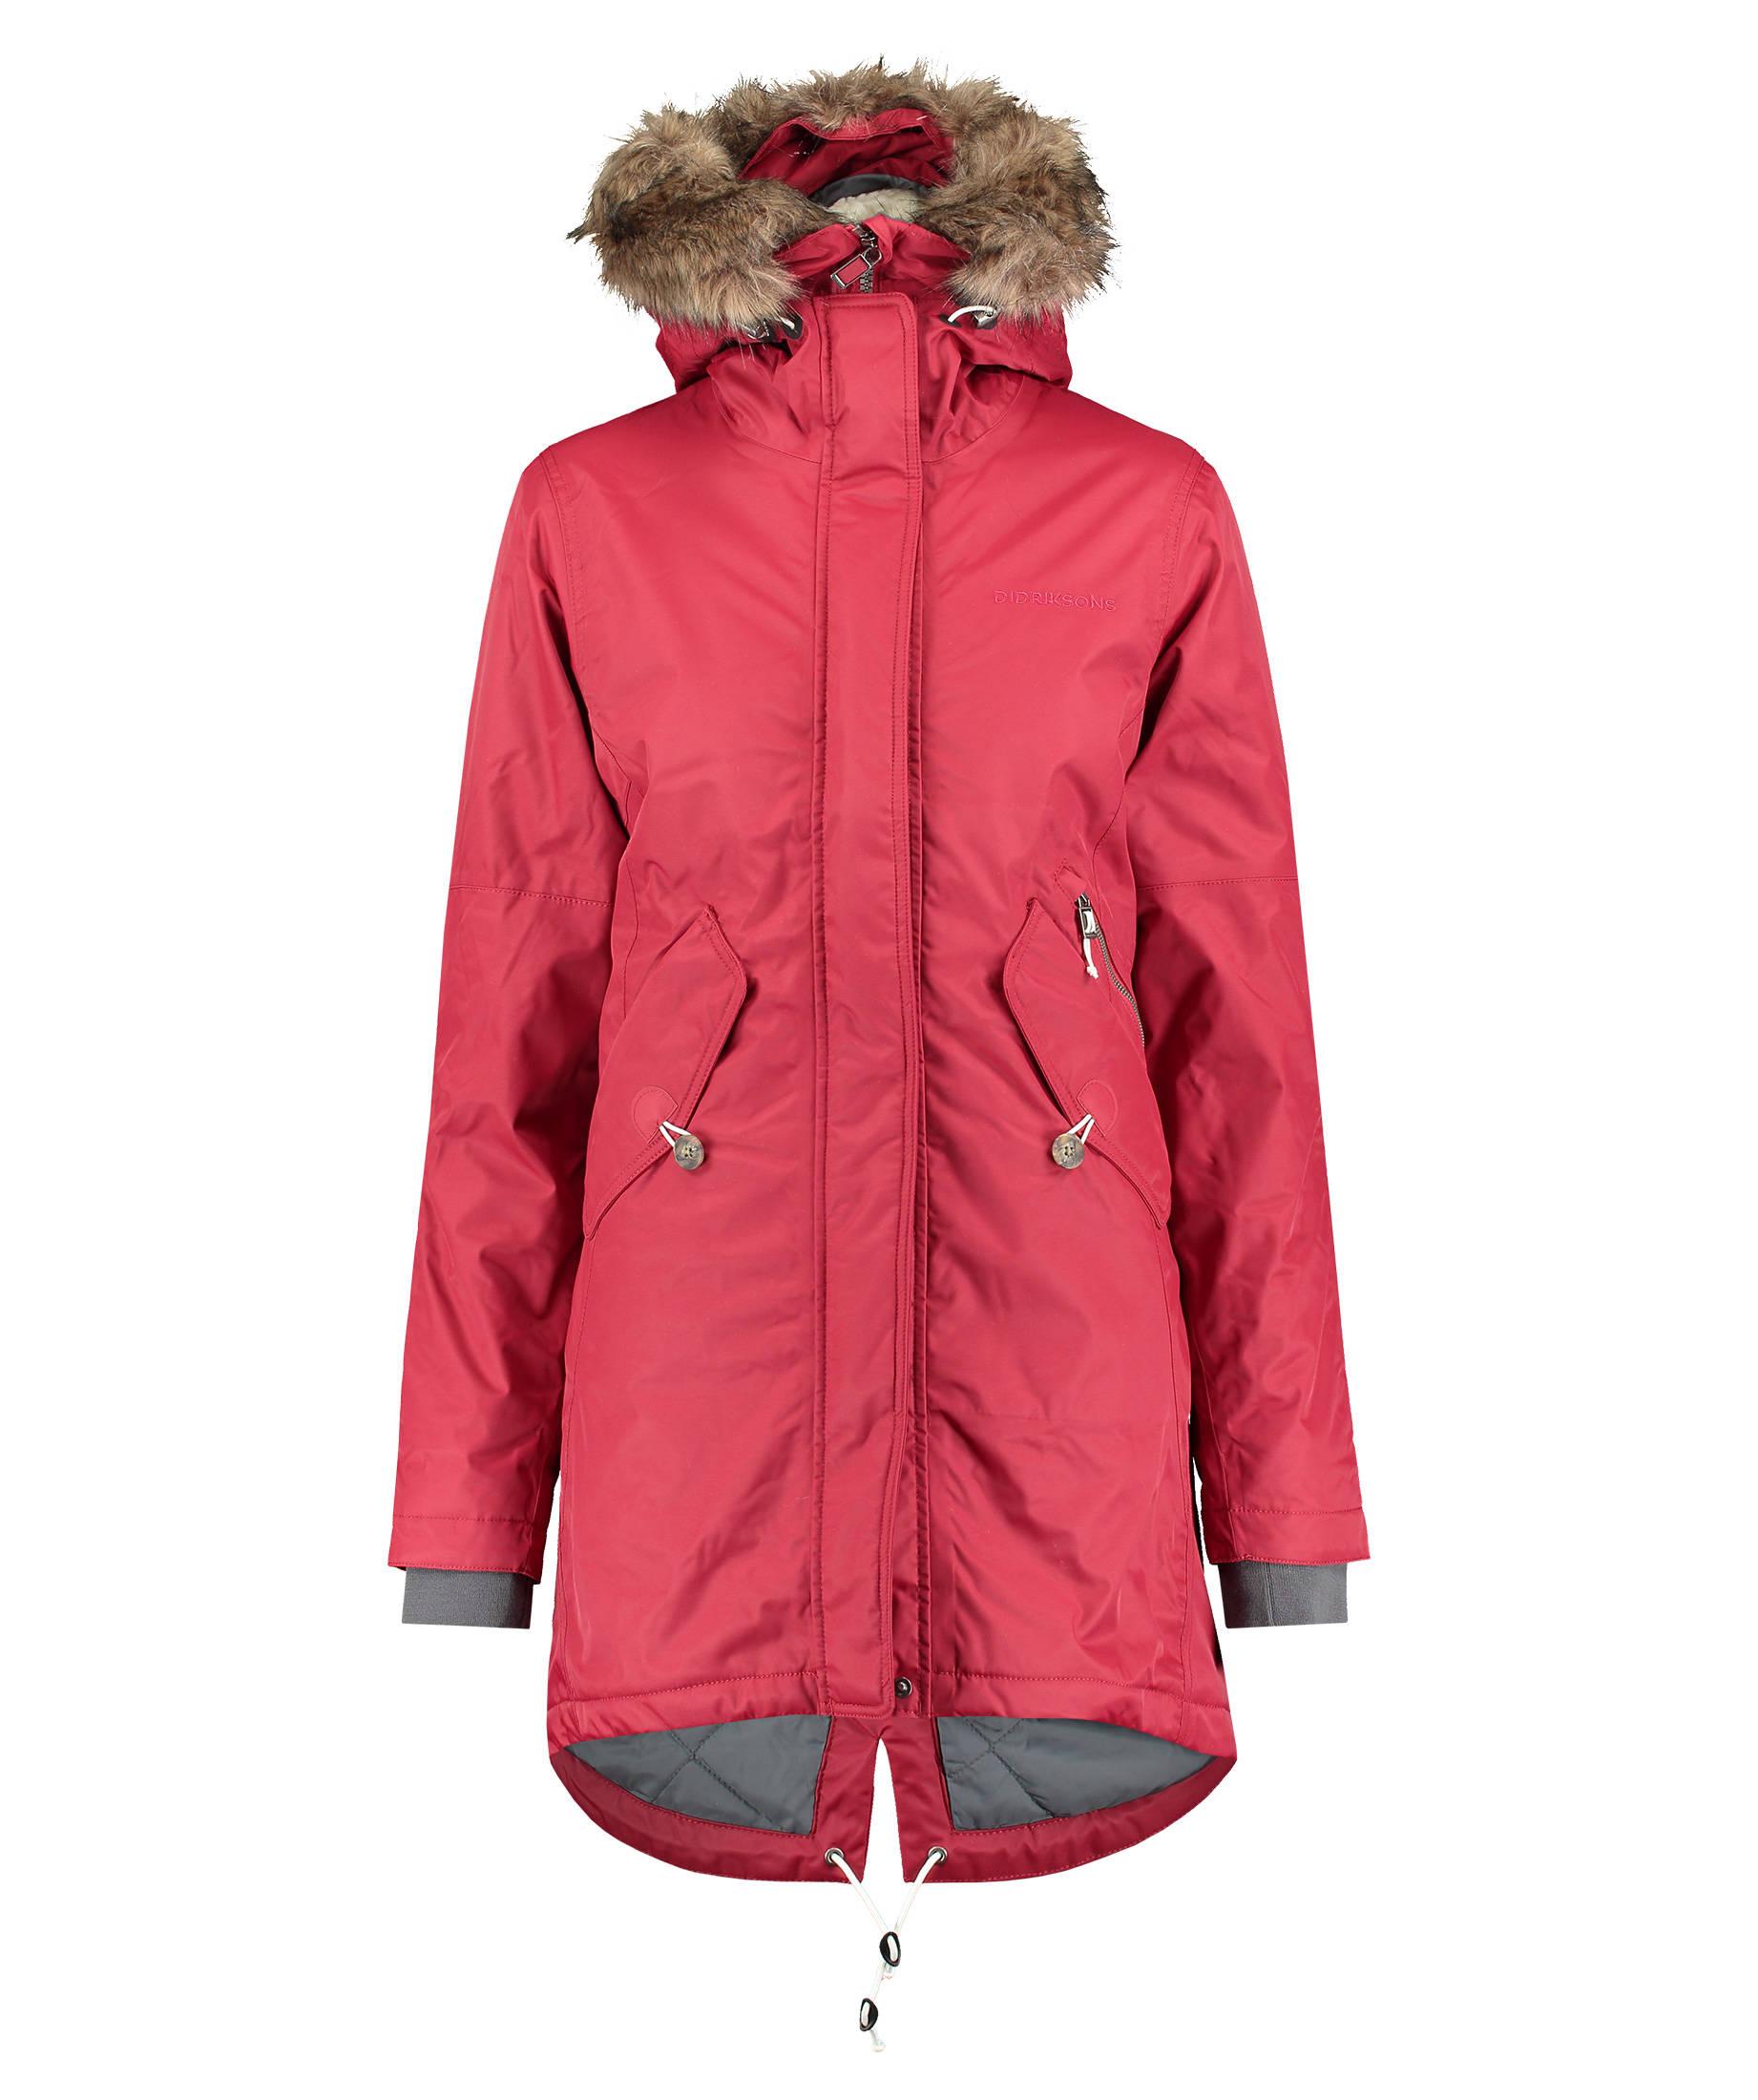 Замеры товара Куртка женская Lindsey parka (морской бриз)